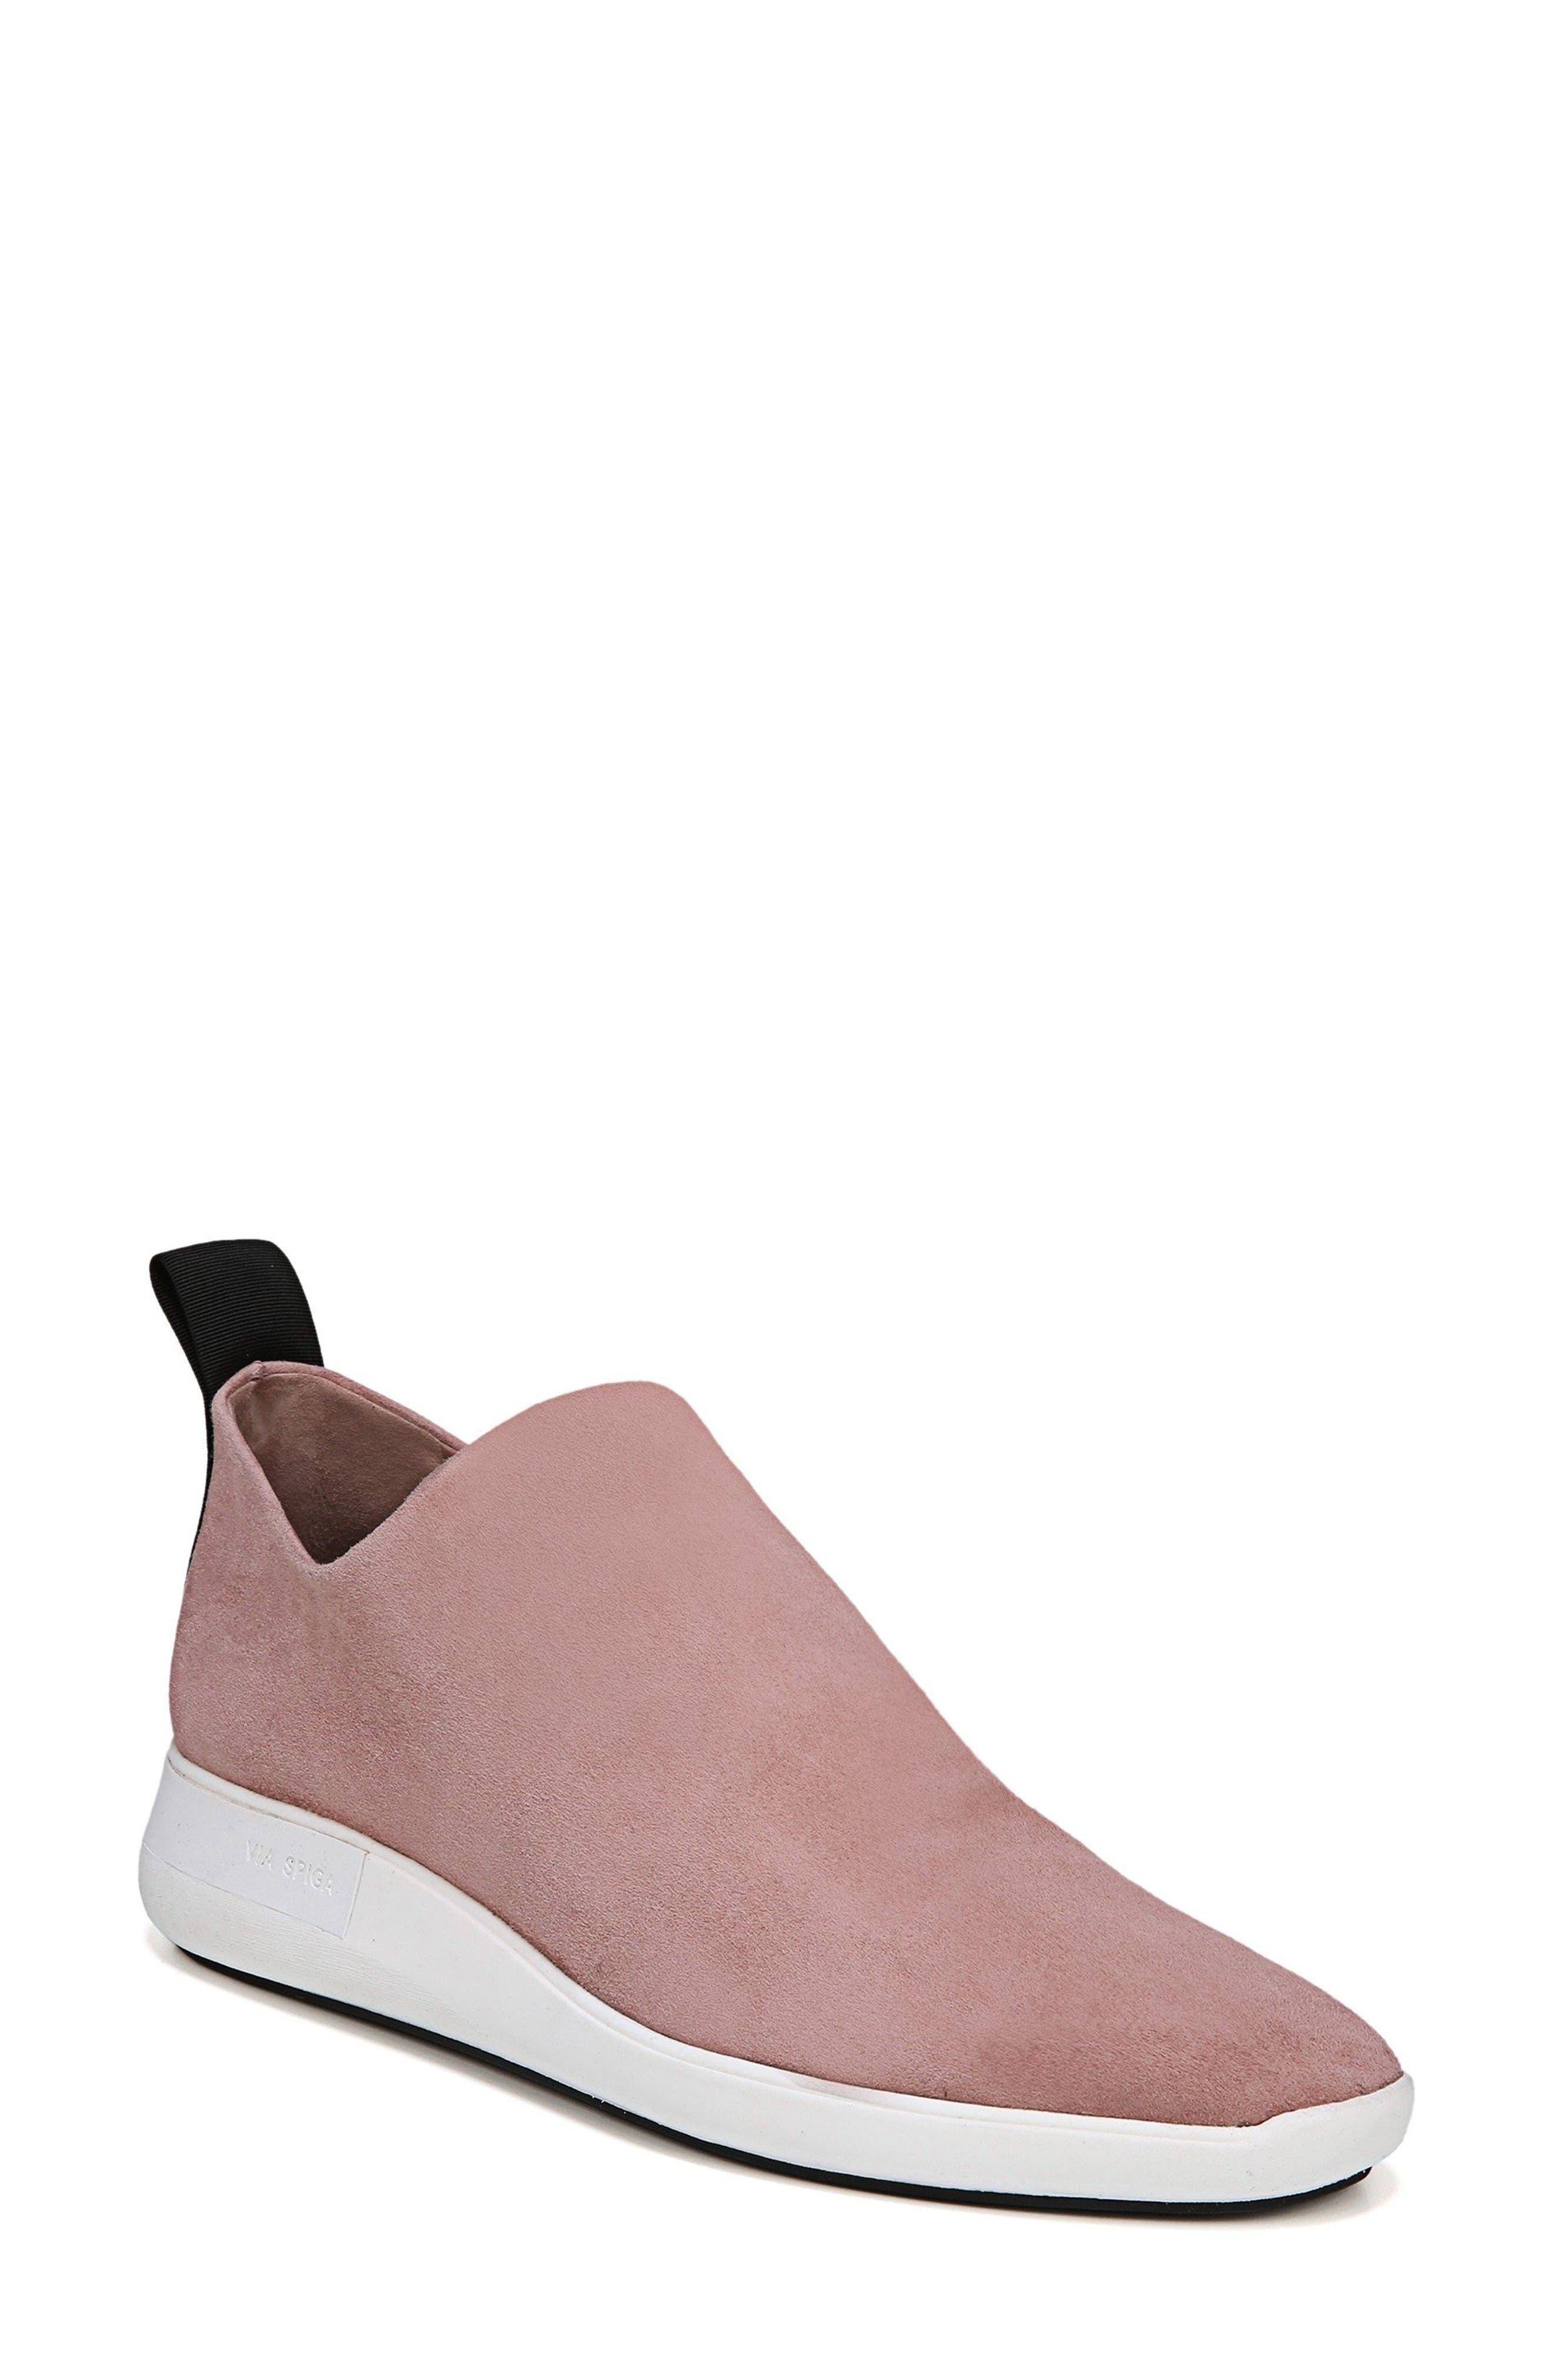 Via Spiga   Marlow Slip-On Sneaker